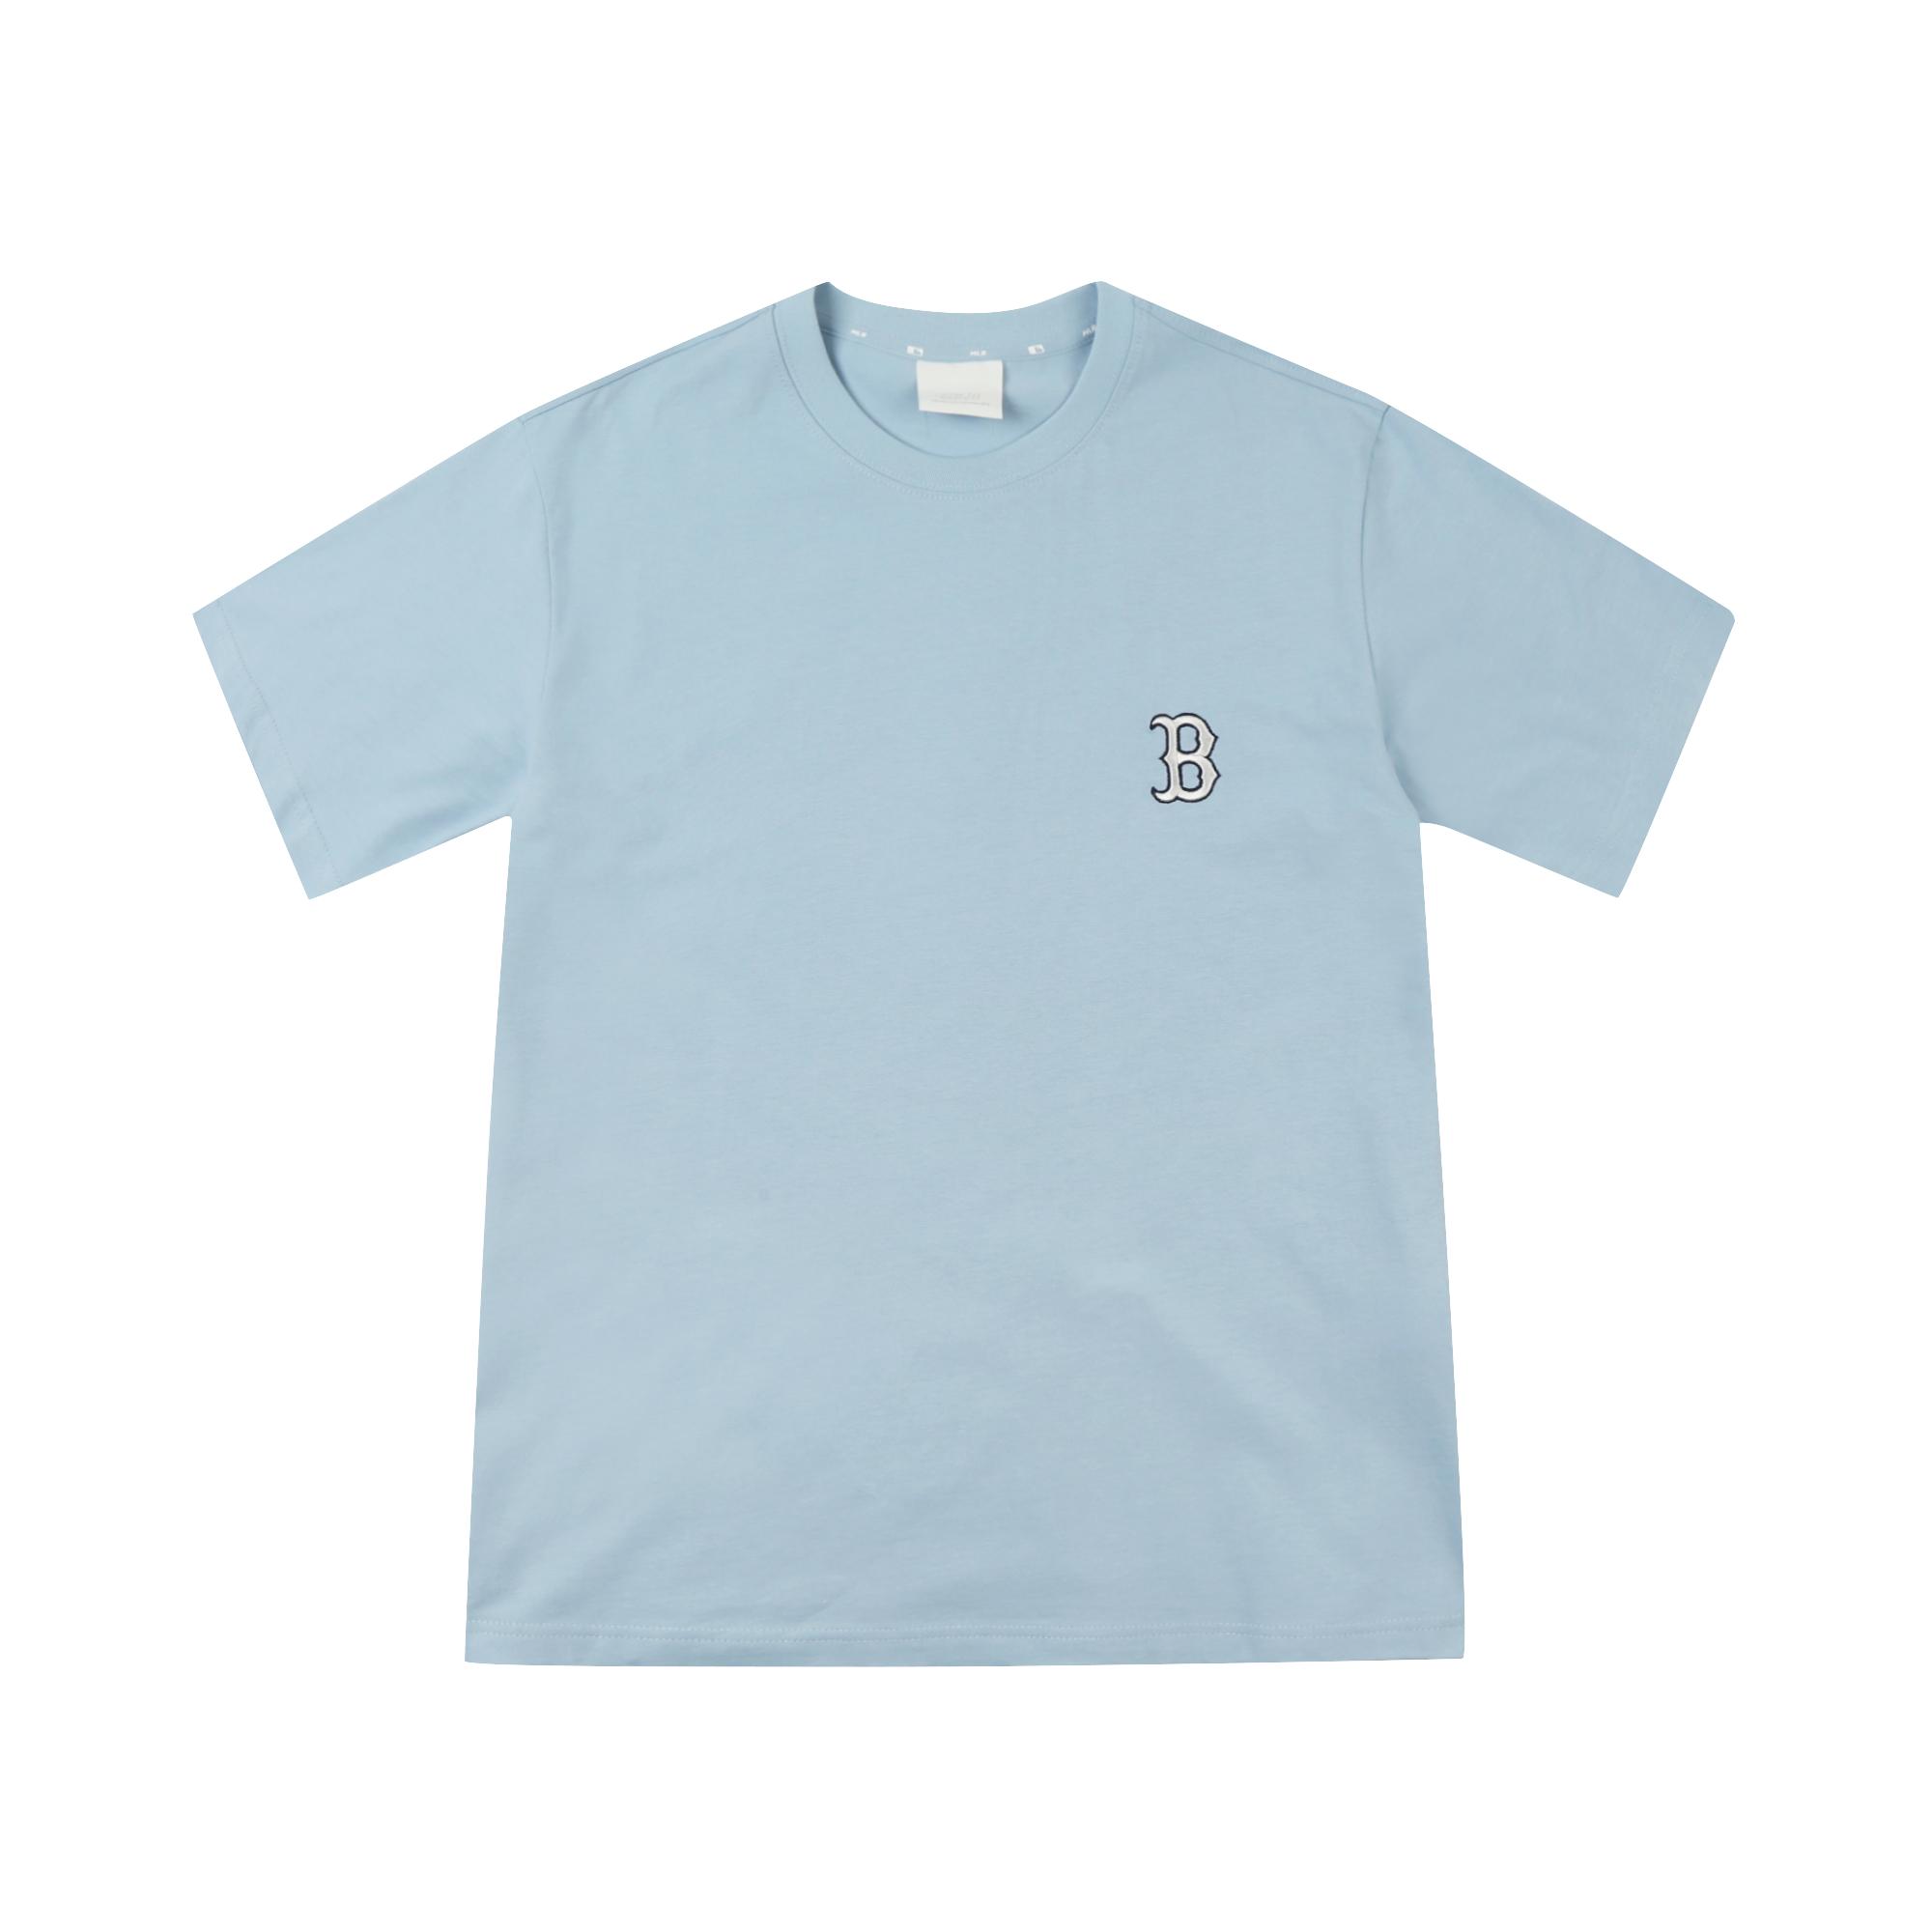 [해외전용] 모노그램 빅로고 반팔 티셔츠 보스턴 레드삭스